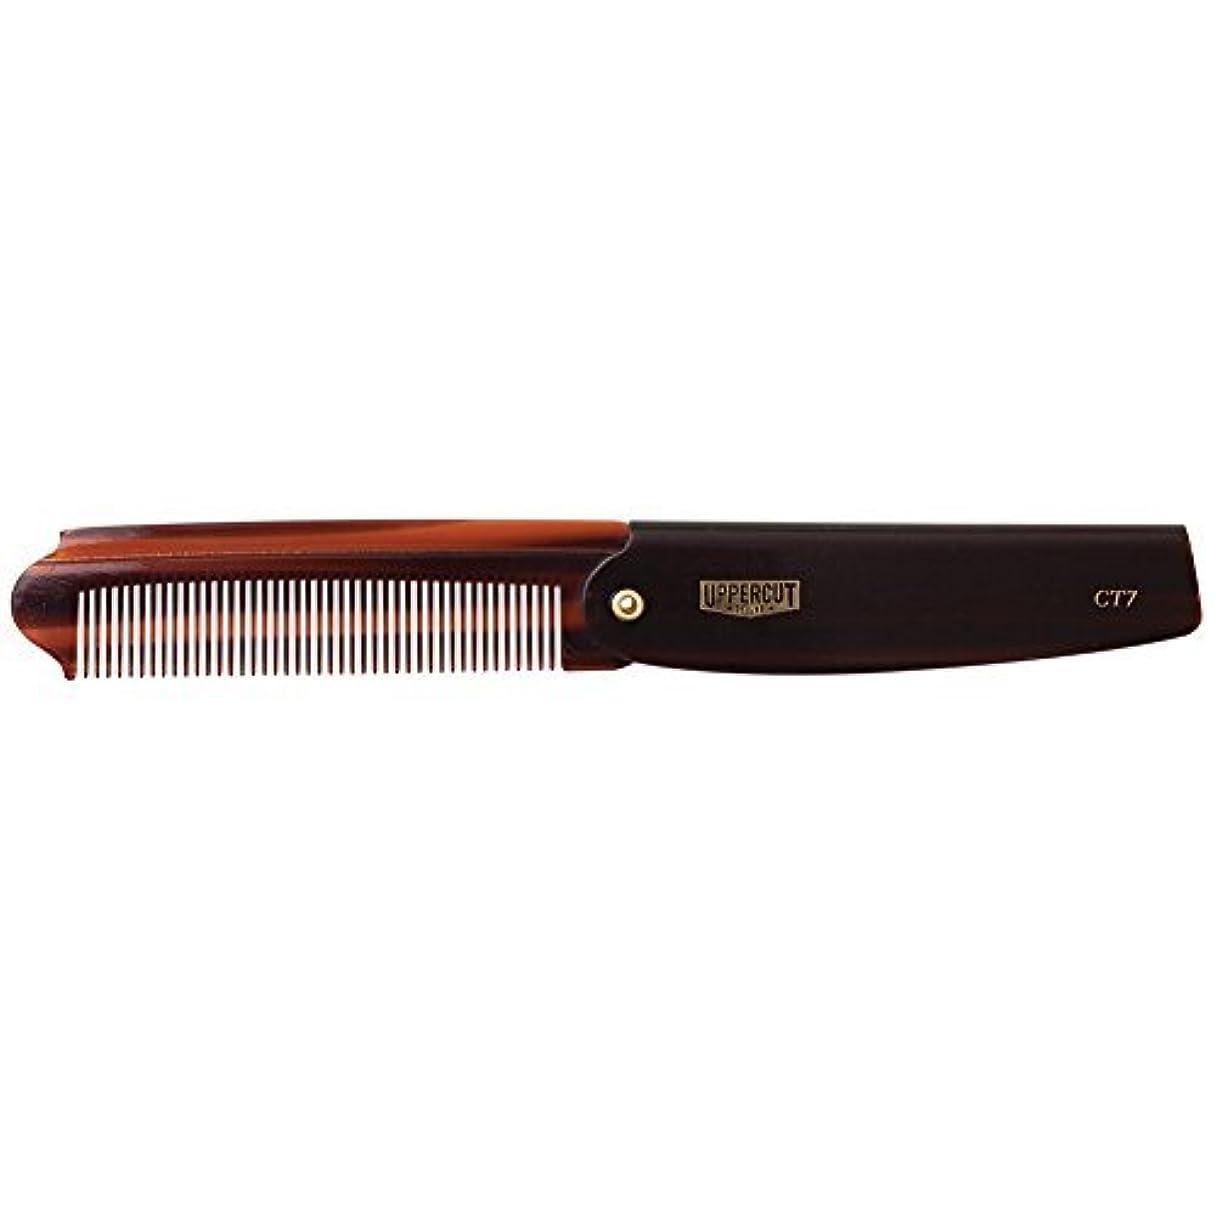 困惑したエコー滑りやすいUppercut Deluxe CT7 Flip Comb - Pocket Sized - Great for Traveling [並行輸入品]